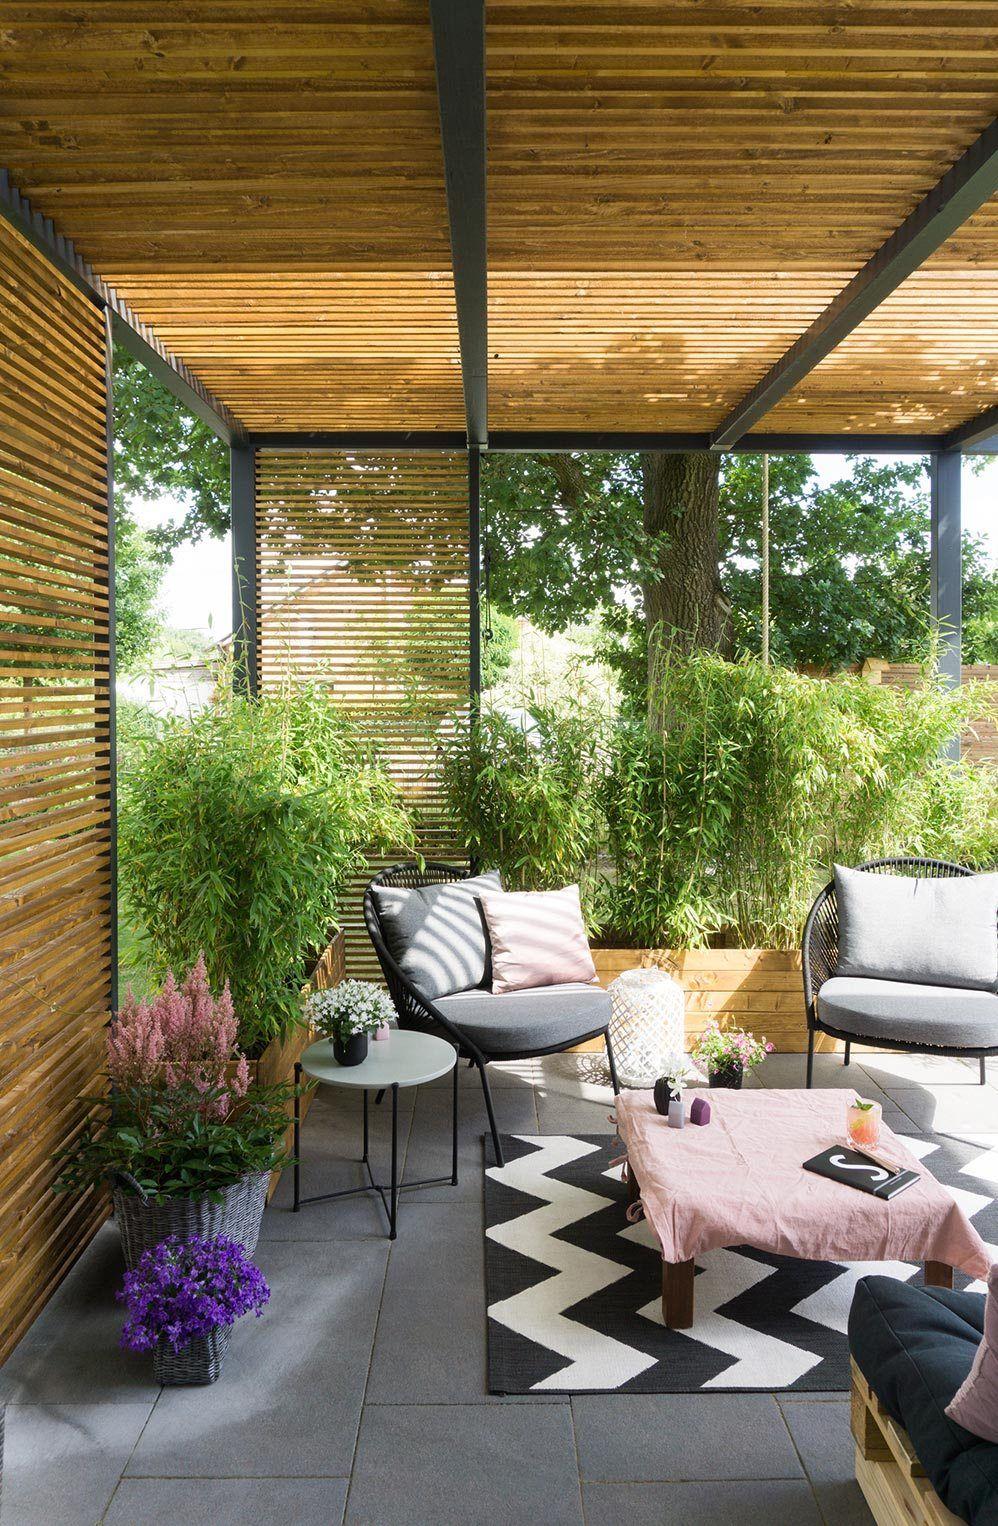 Full Size of Terrassen Lounge Loungemöbel Garten Möbel Sessel Holz Set Sofa Günstig Wohnzimmer Terrassen Lounge